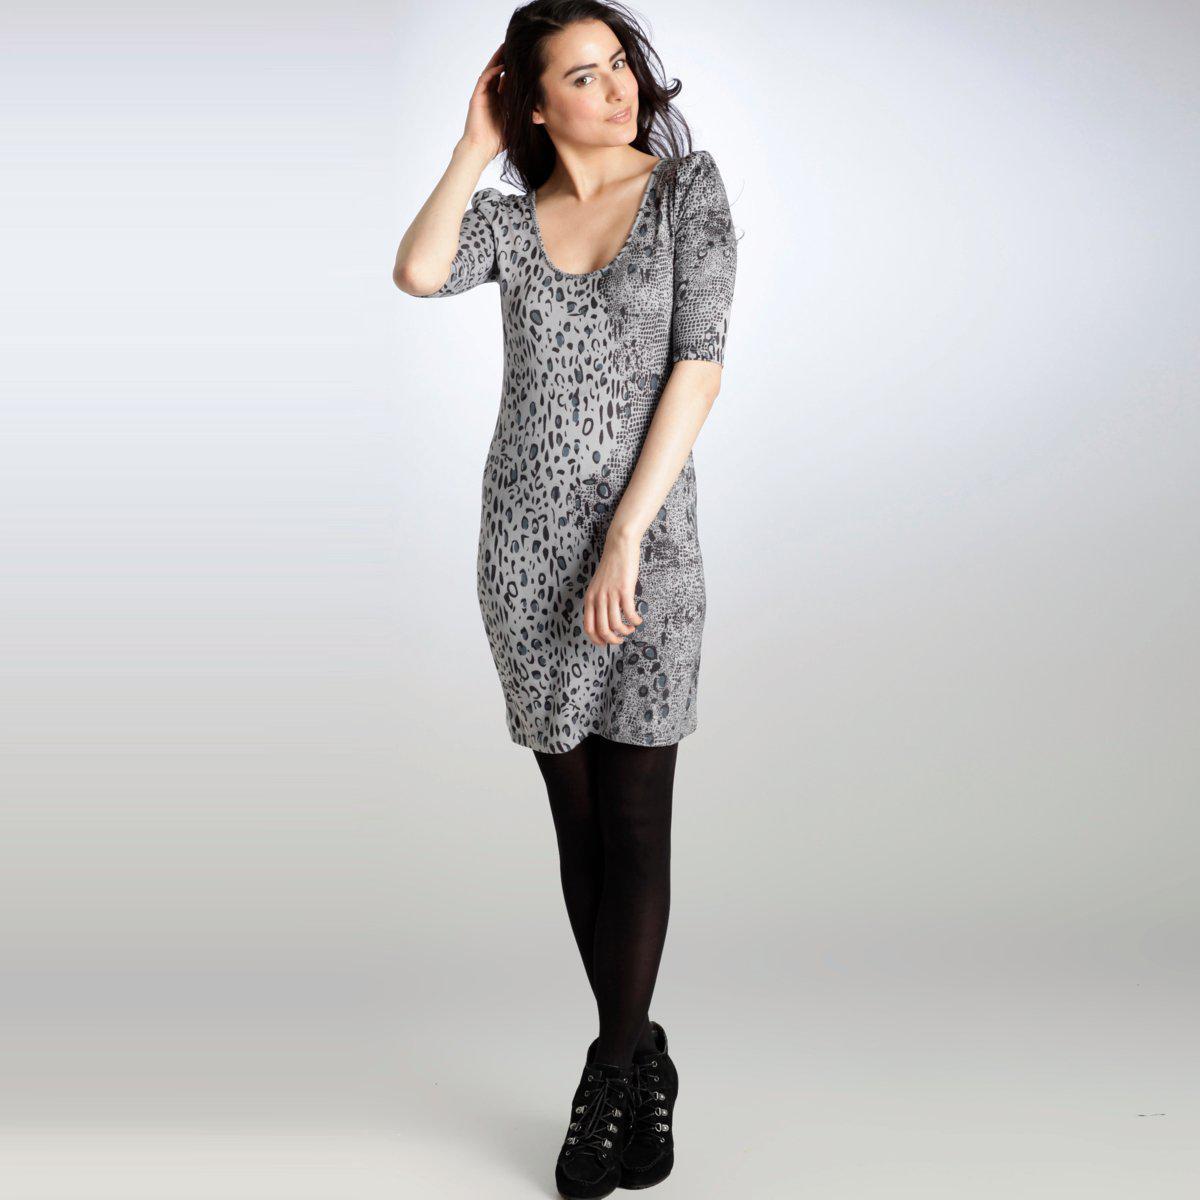 c5a406575252 Βραδυνα Φορεματα LaRedoute Φθινόπωρο 2011 Κωδ. 324209890